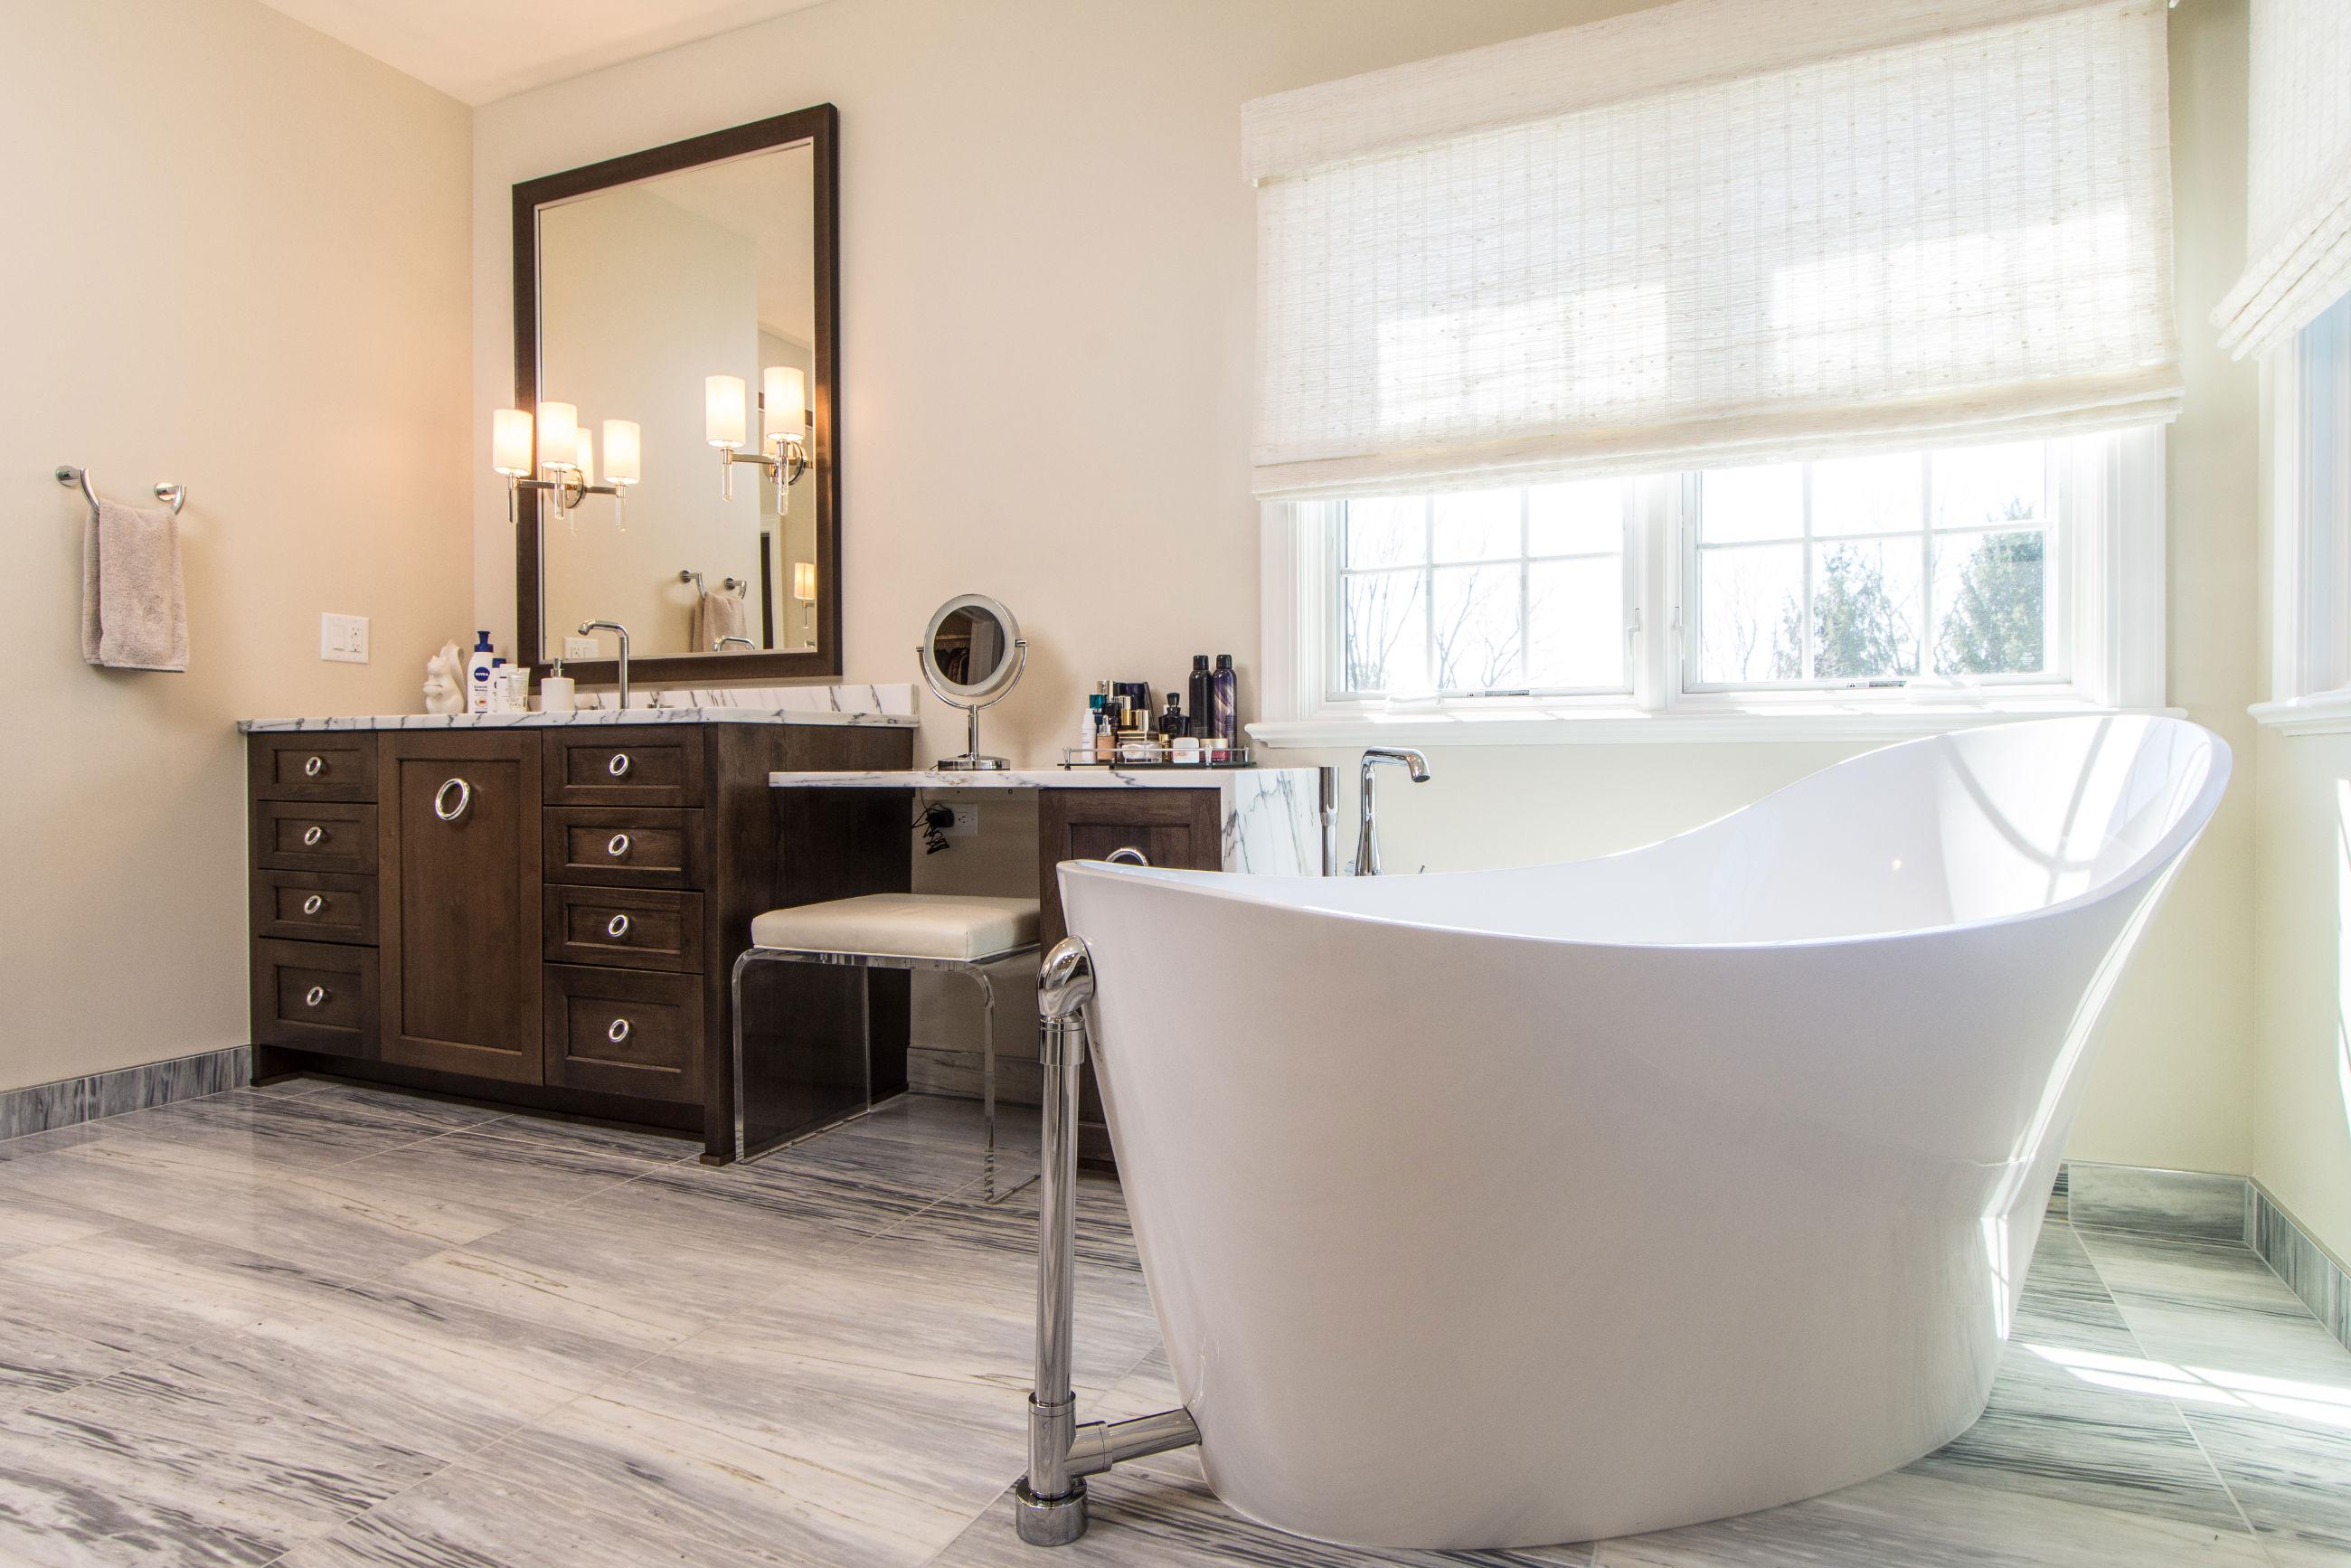 Bathroom Remodel Indianapolis Indianapolis Indiana Bathroom - Updike bathroom remodeling co